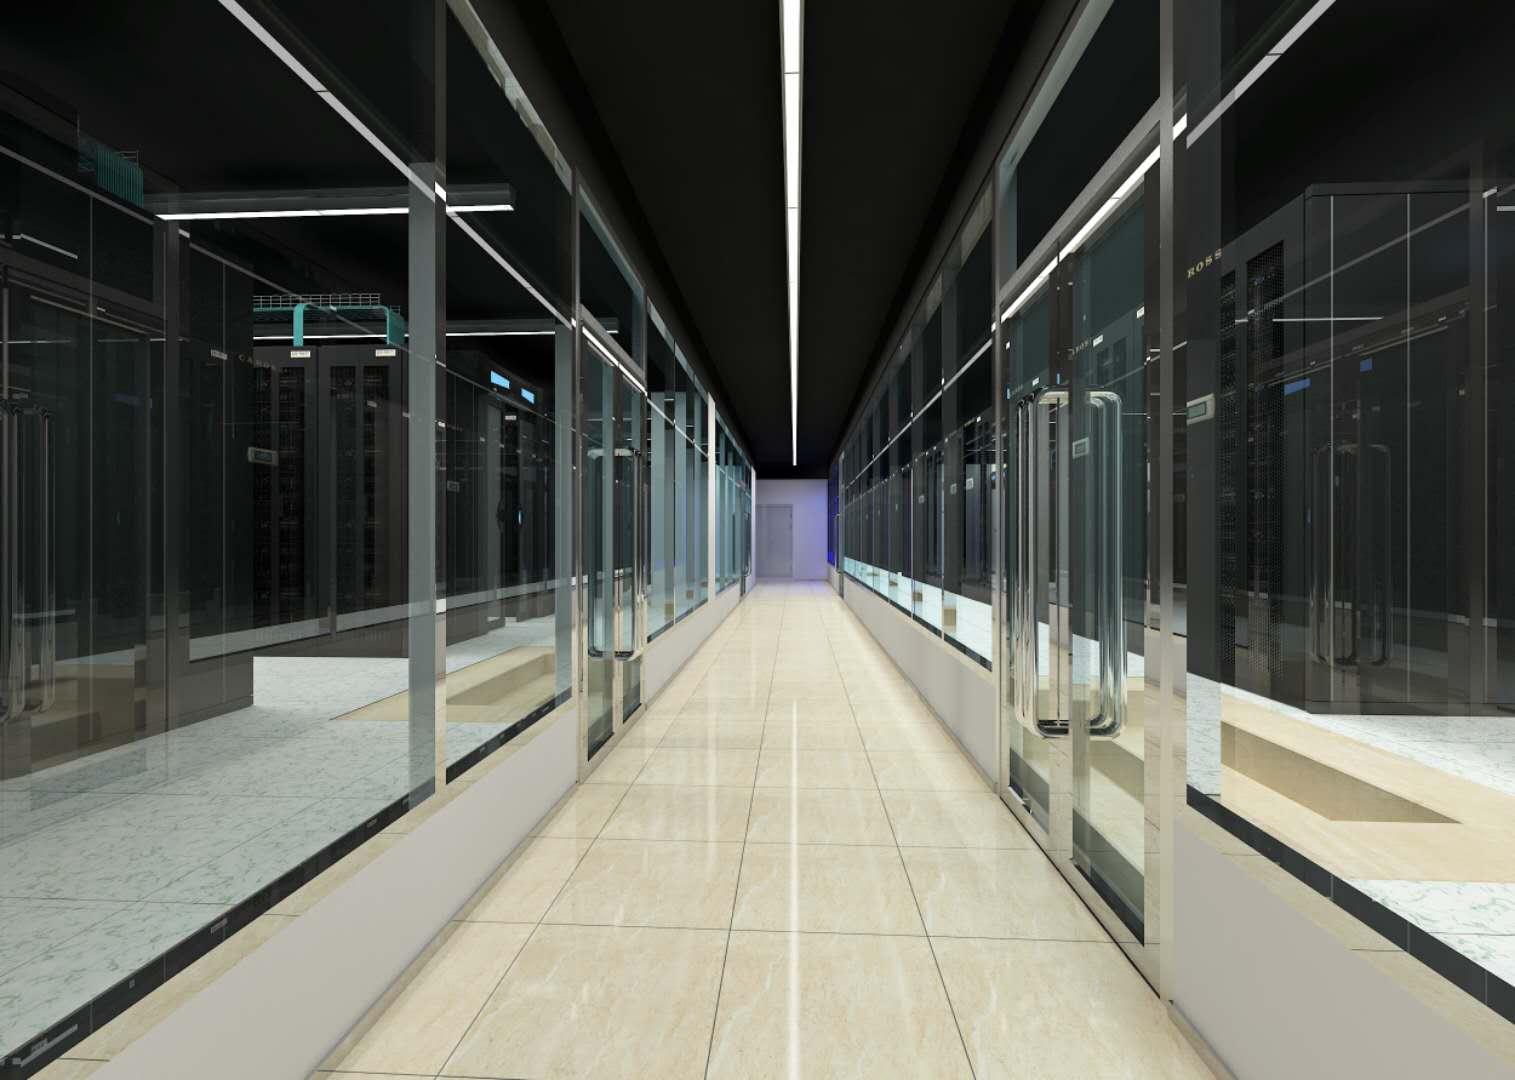 内蒙古广播电视网络集团有限公司广播影视数字传媒中心E座数据中心机房基础建设项目